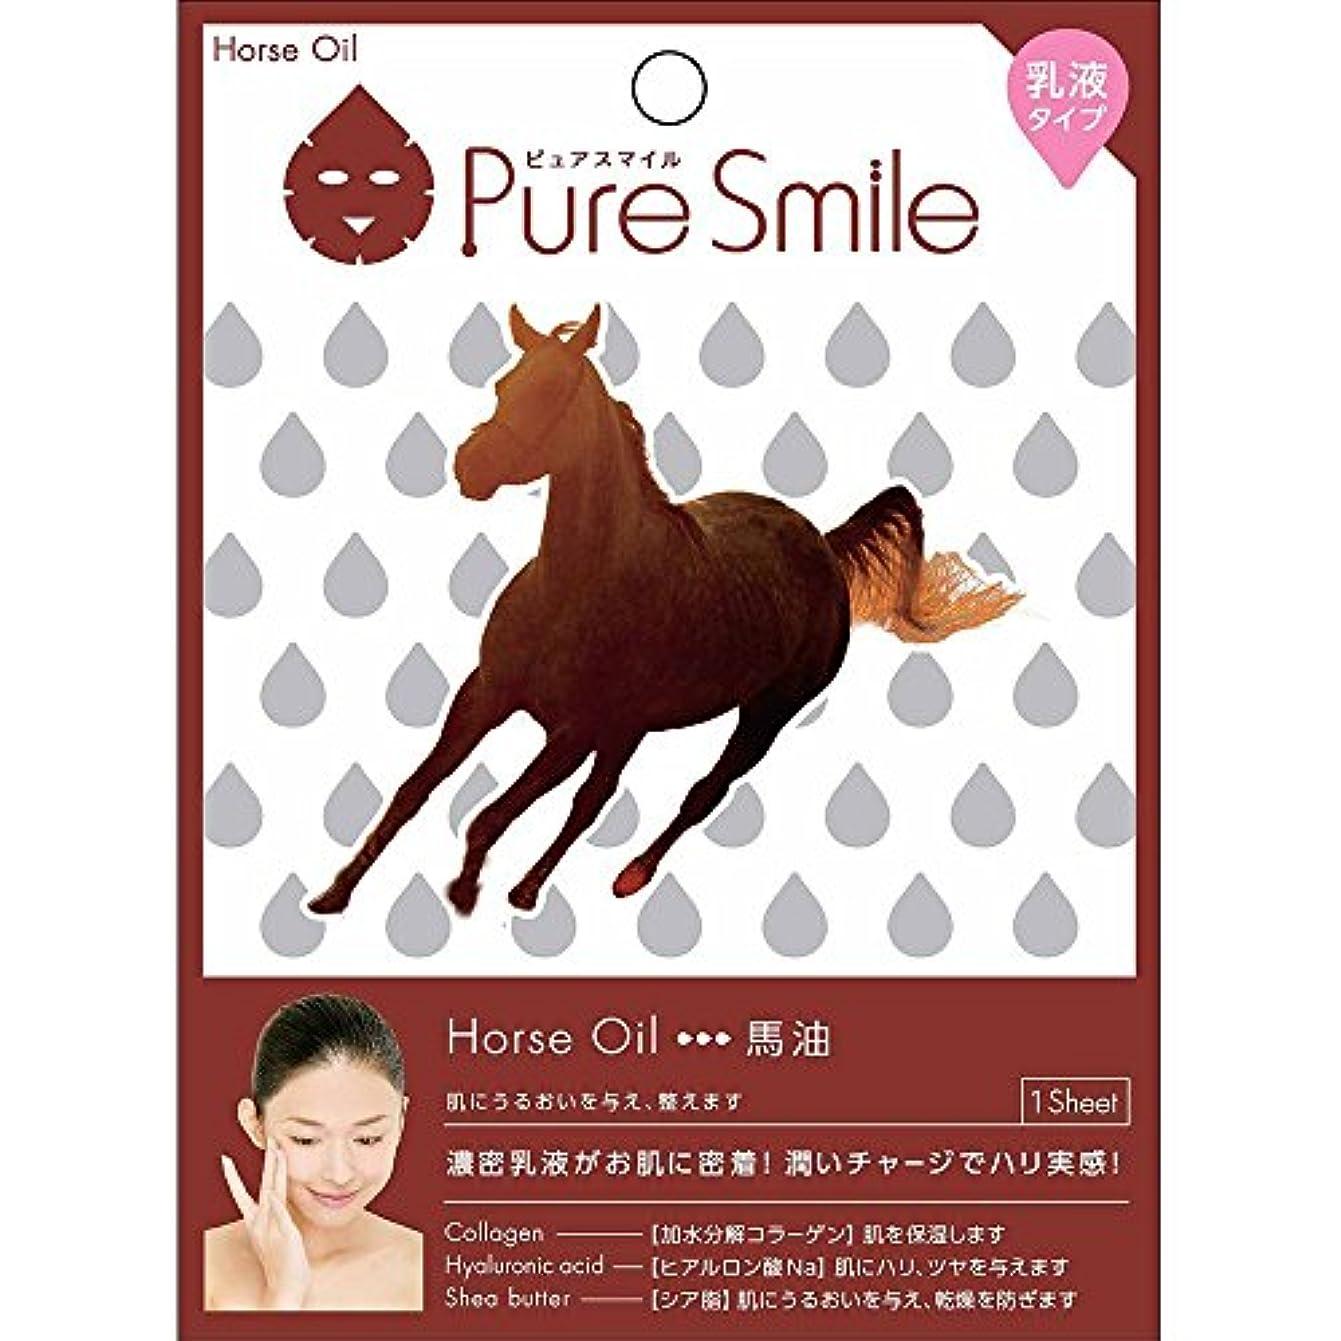 努力輸送差別するPure Smile/ピュアスマイル 乳液 エッセンス/フェイスマスク 『Horse oil/馬油』